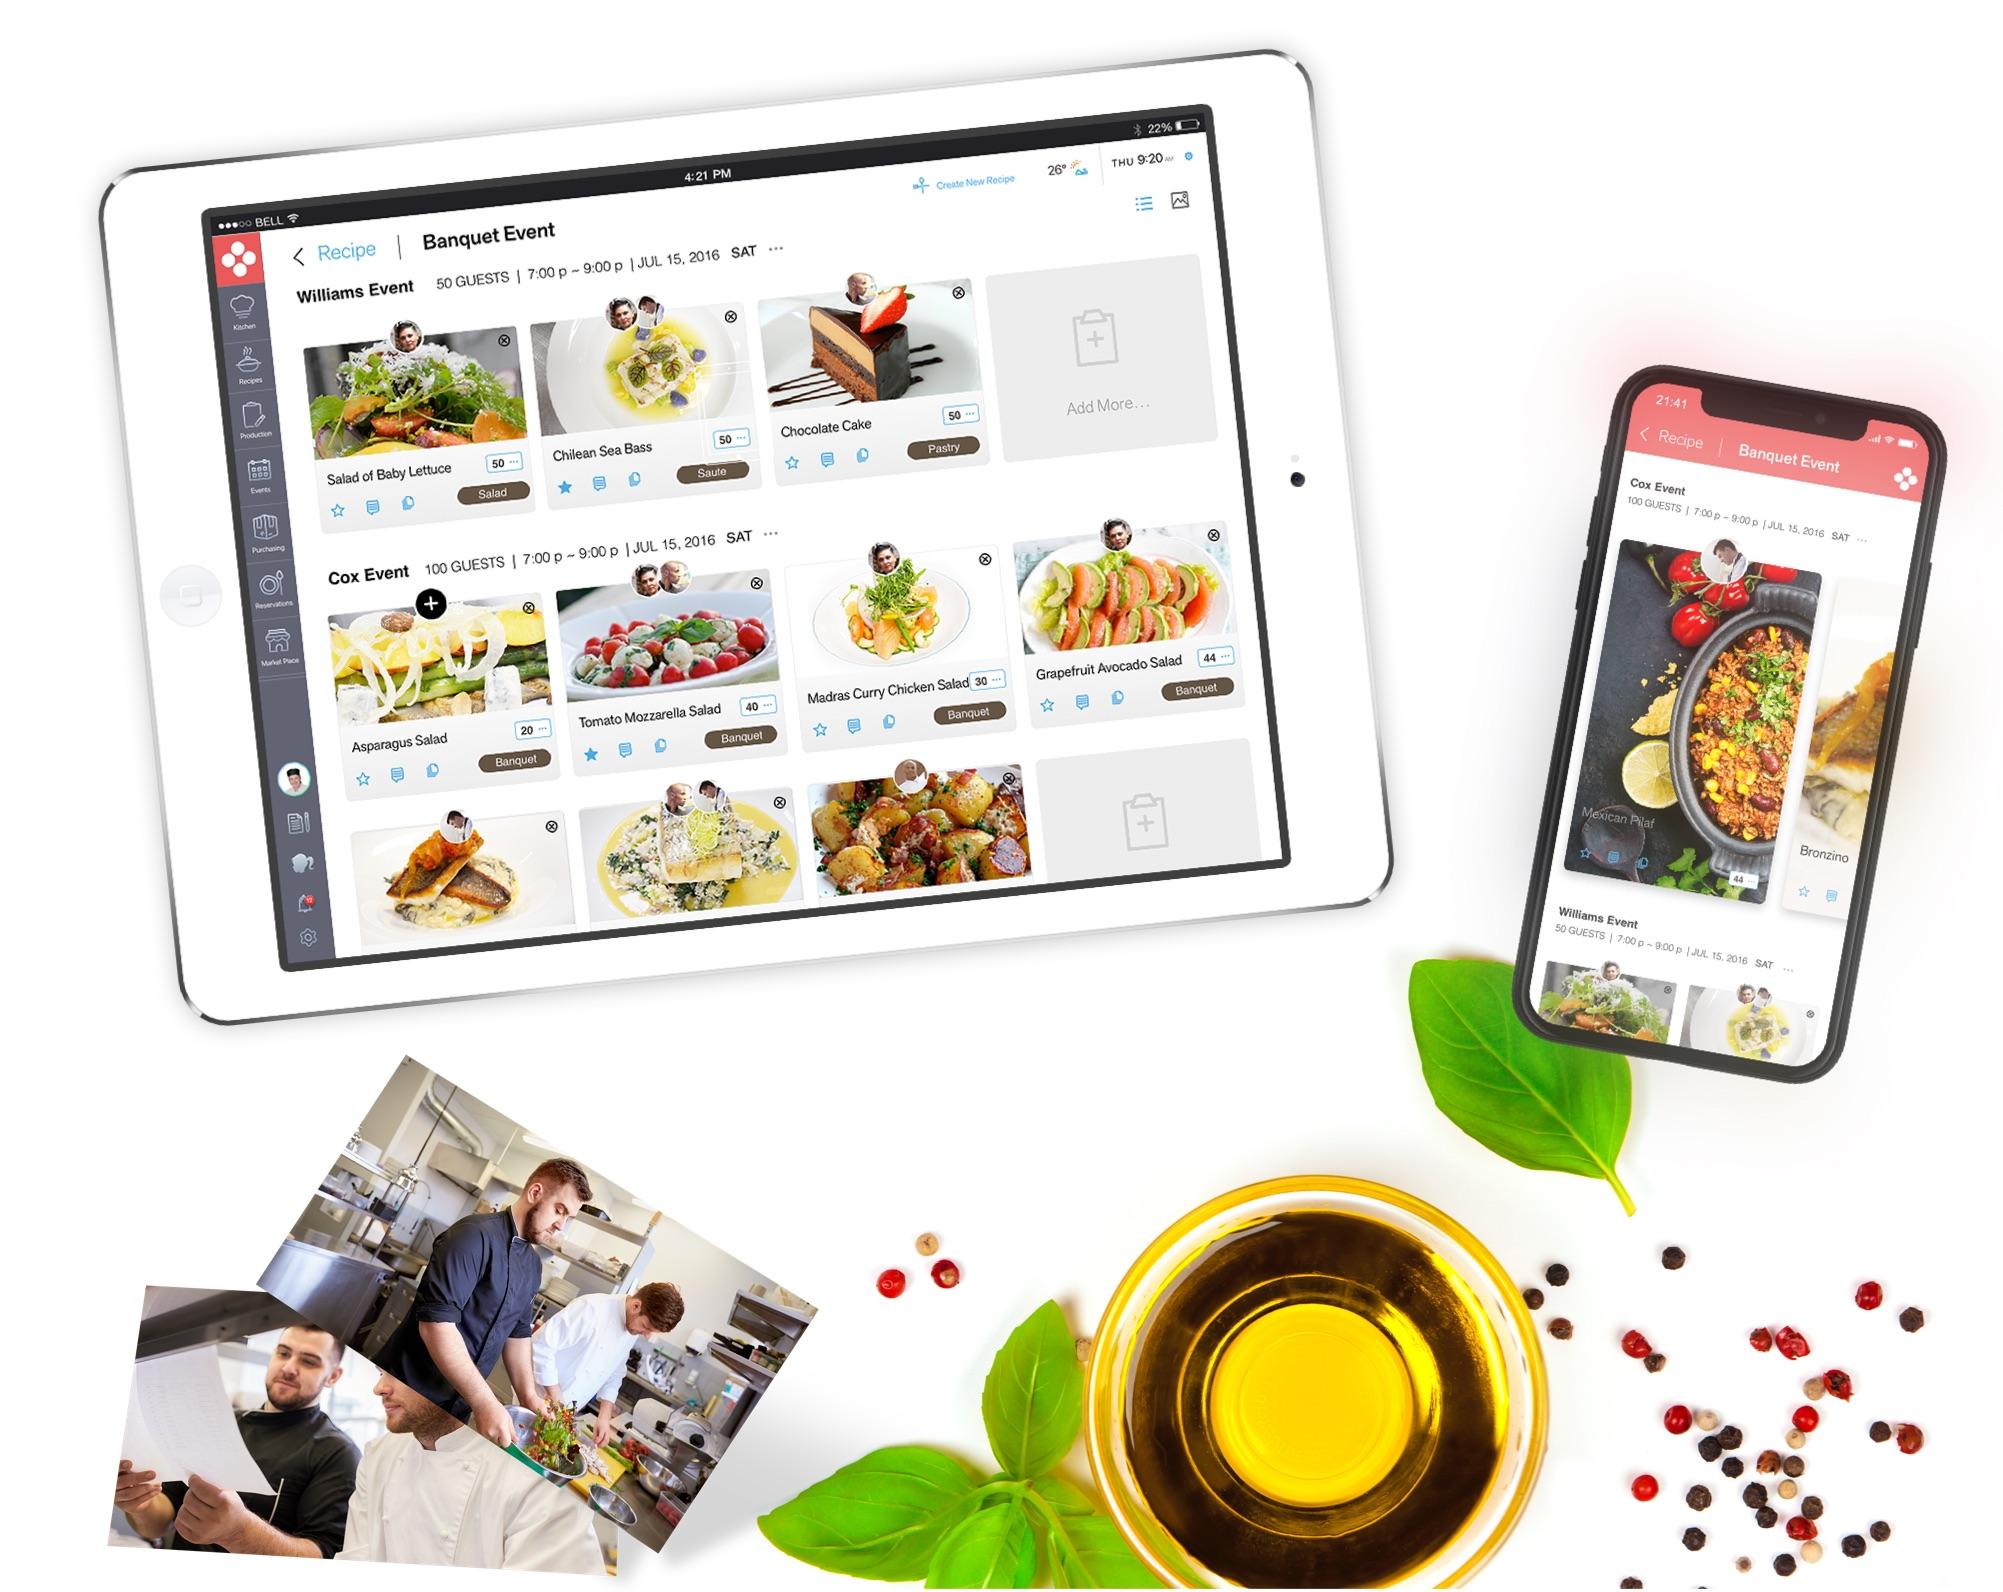 FoodApp_iPAD_App_2